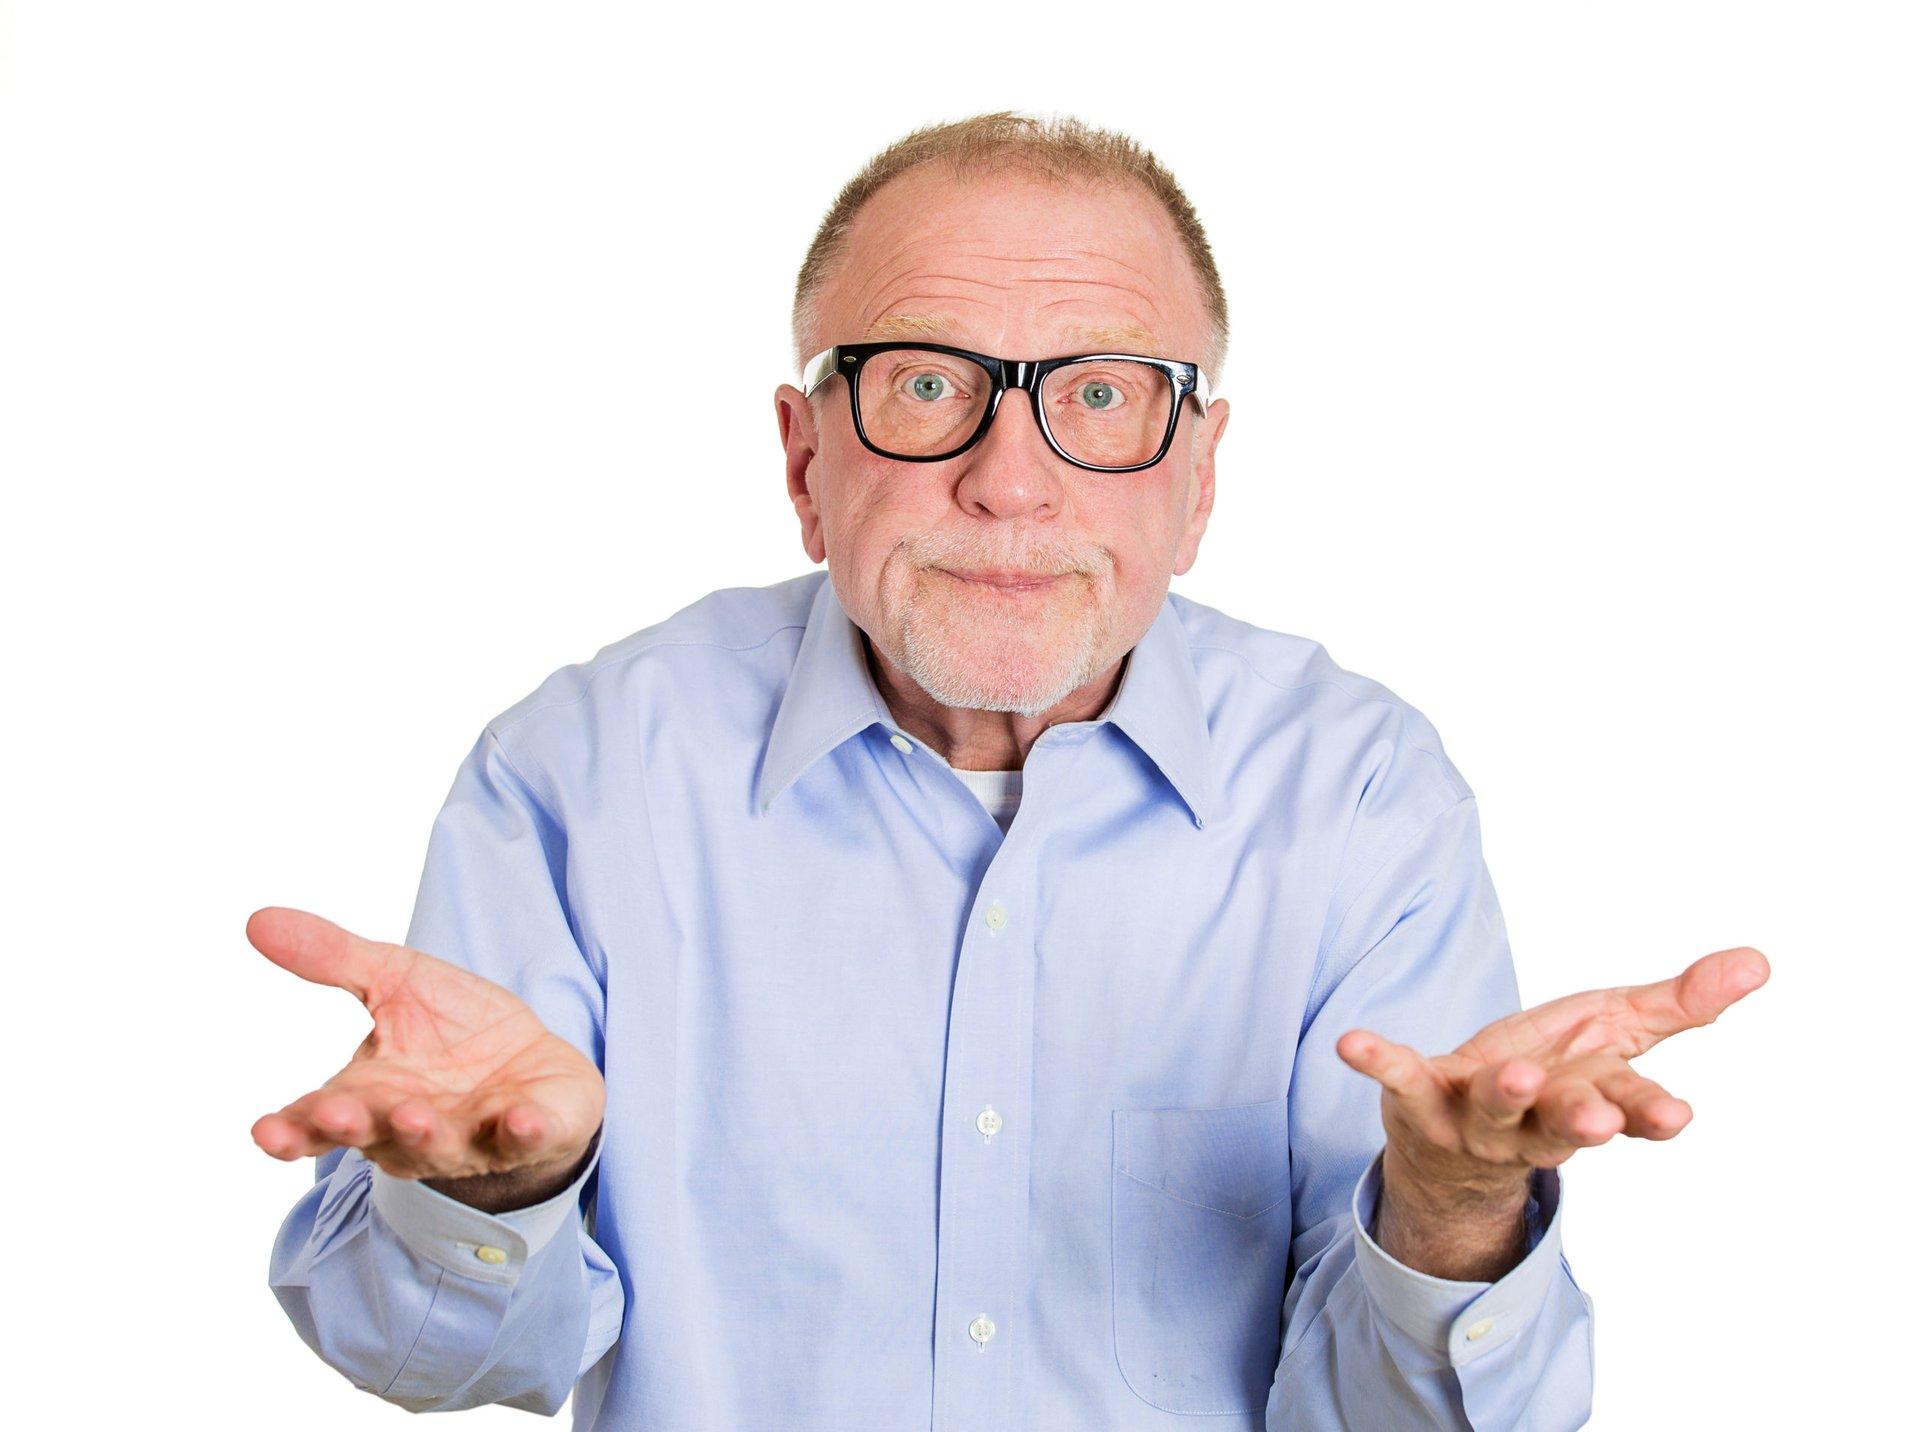 Senior man shrugging